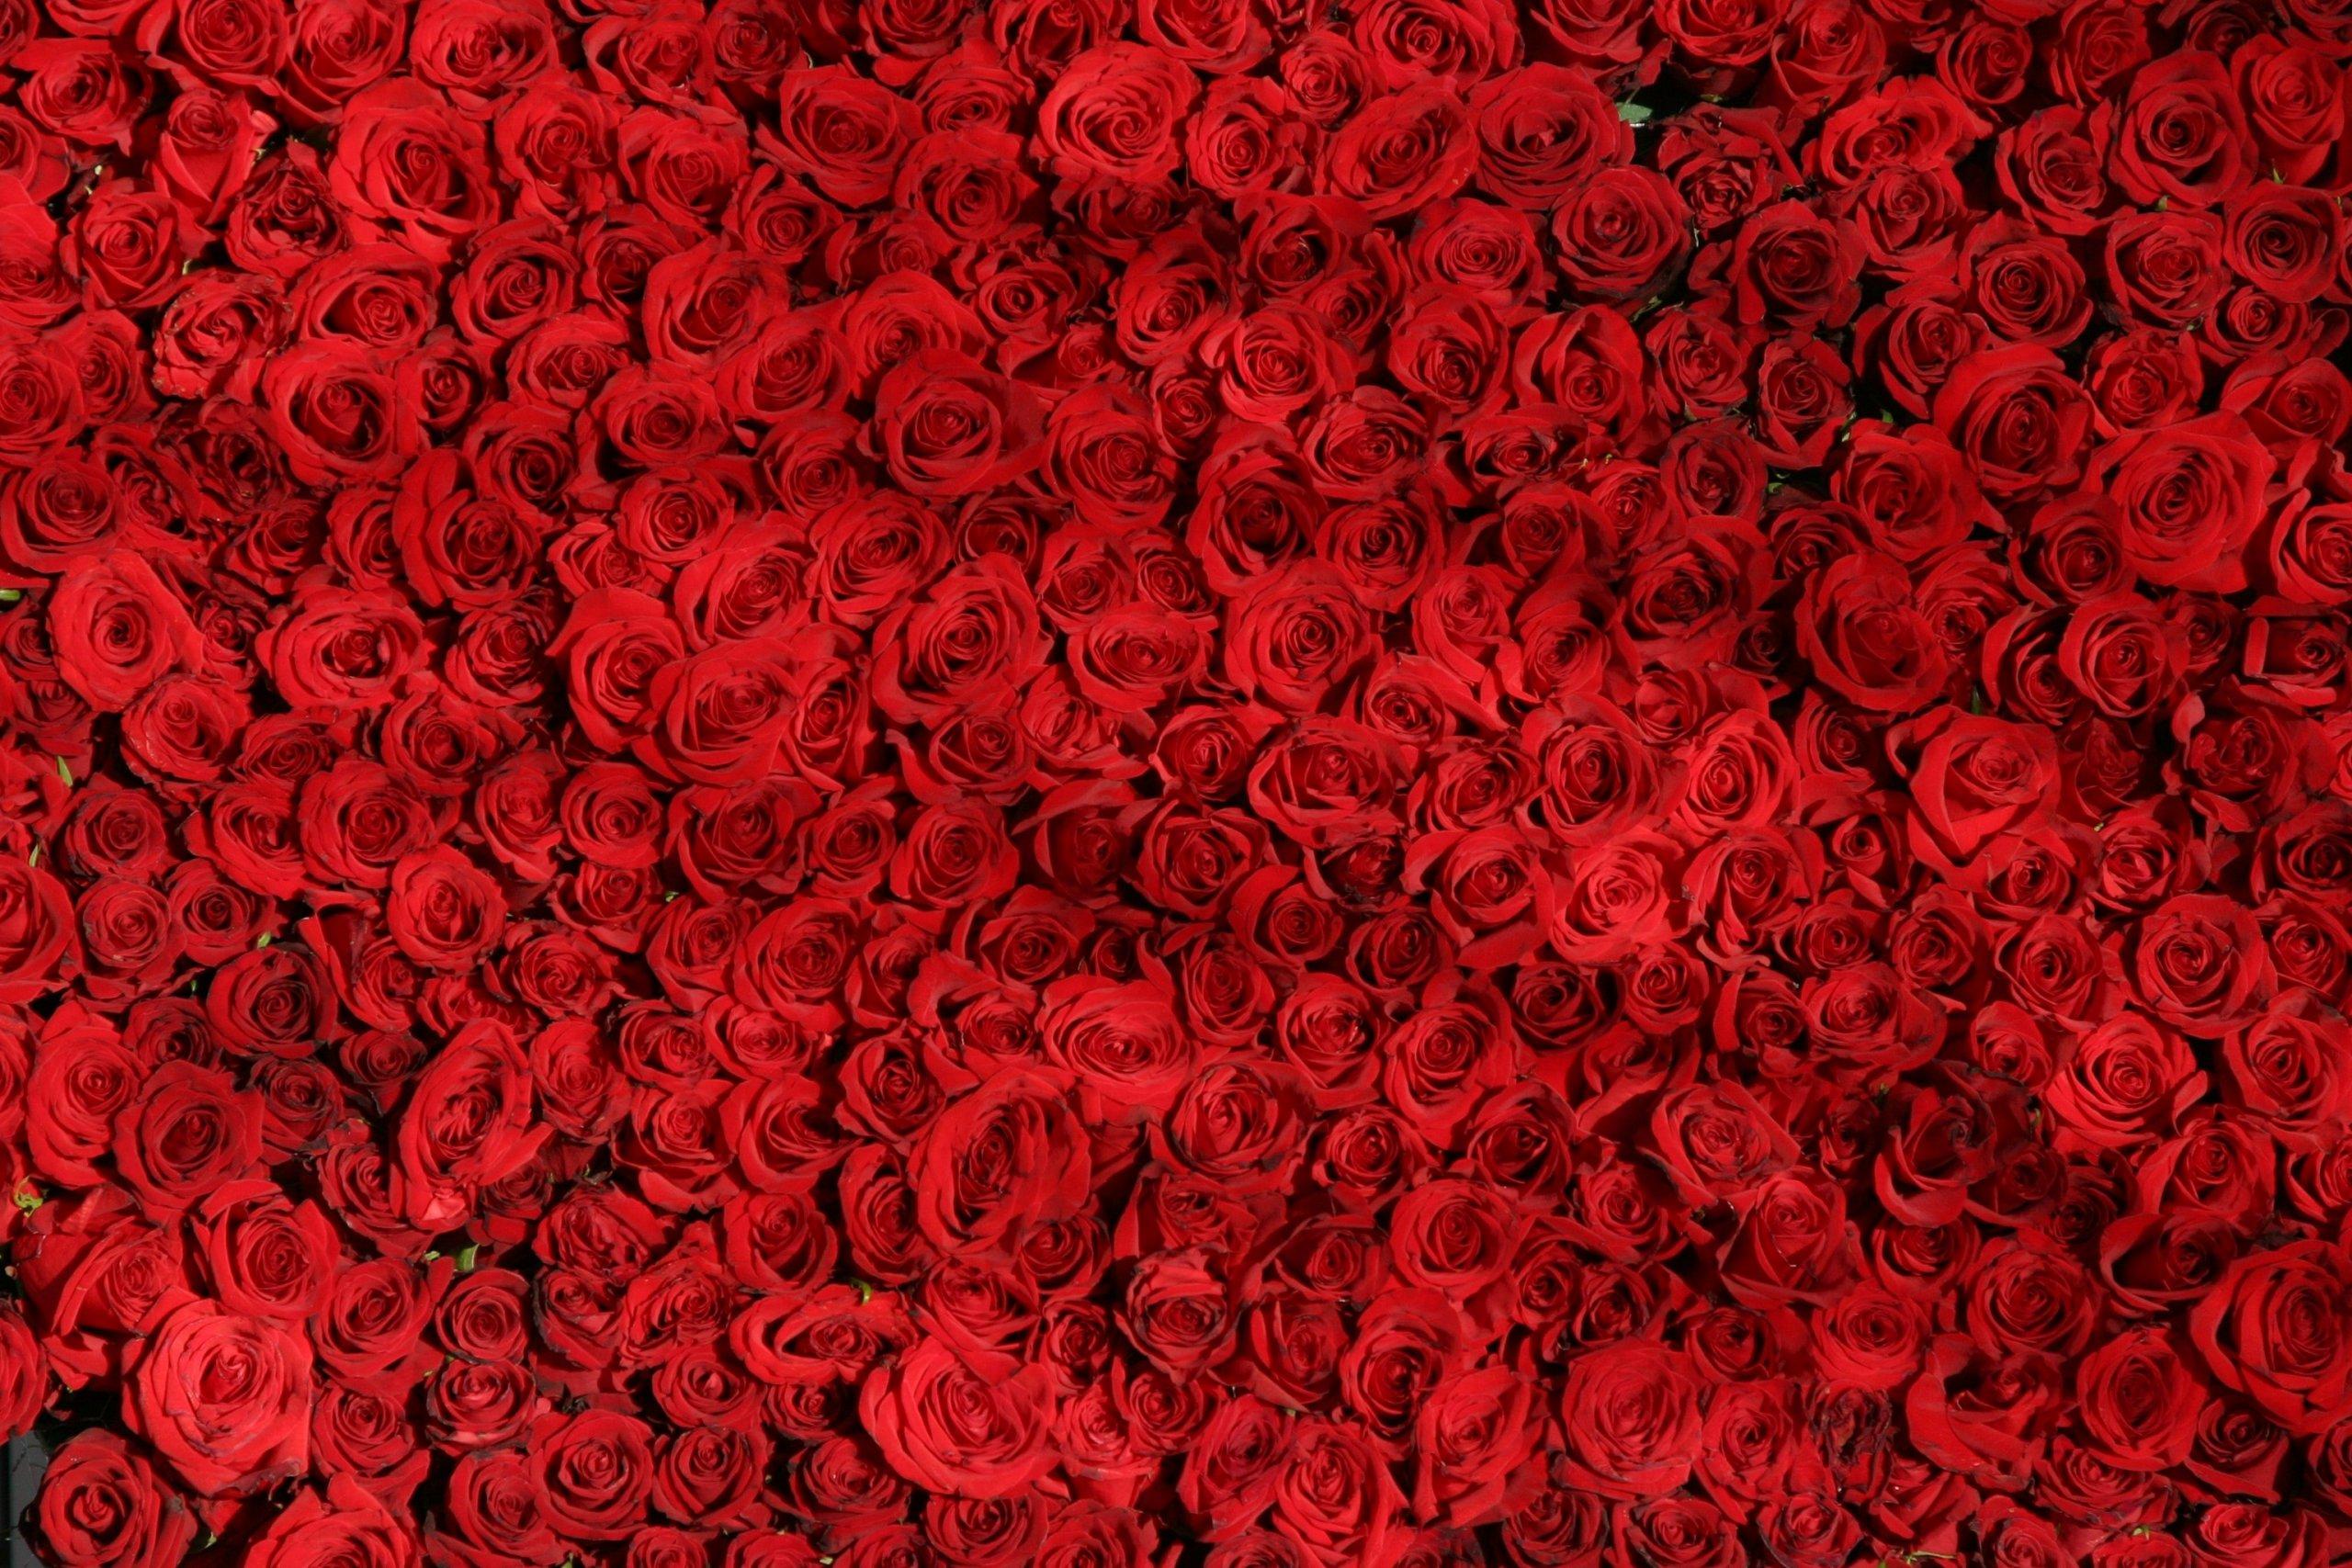 rosacea dieper dan de huid